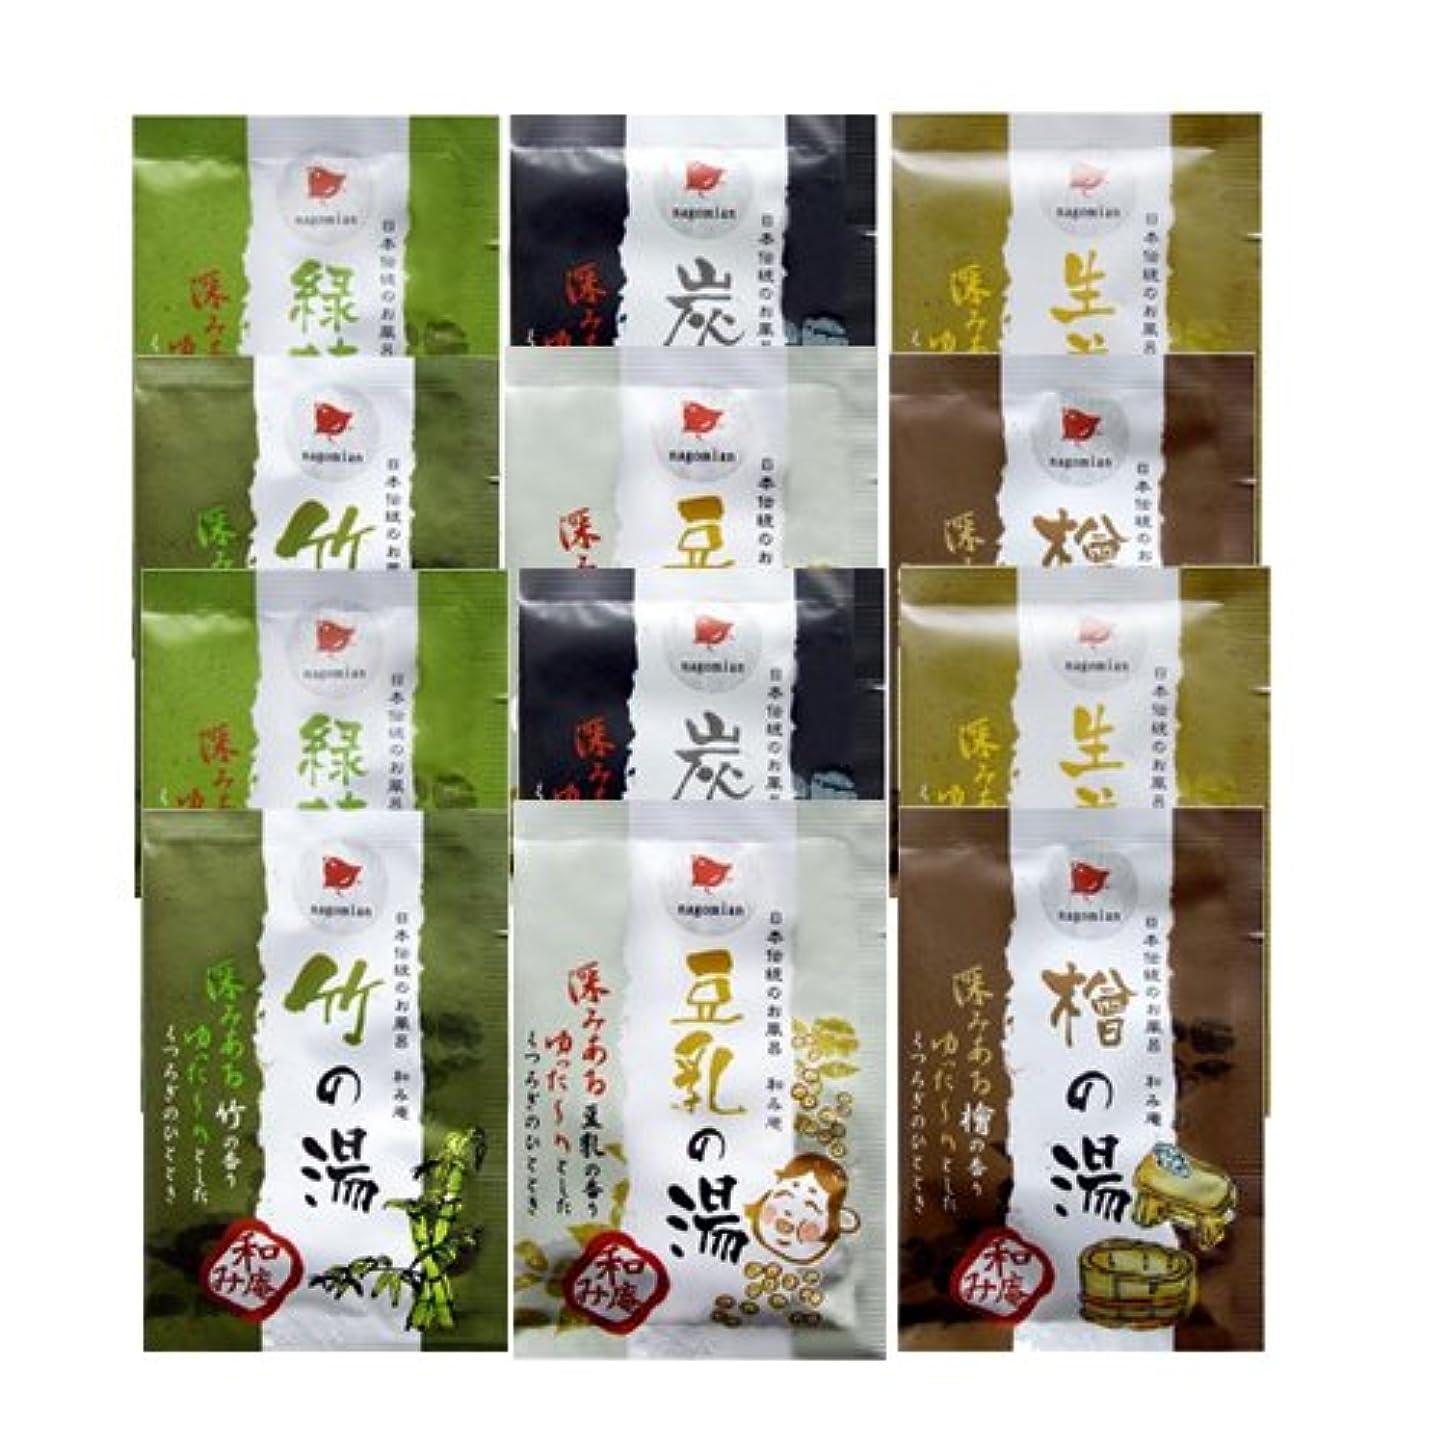 後悔血乙女日本伝統のお風呂 和み庵 6種類×2個セット(計12包)